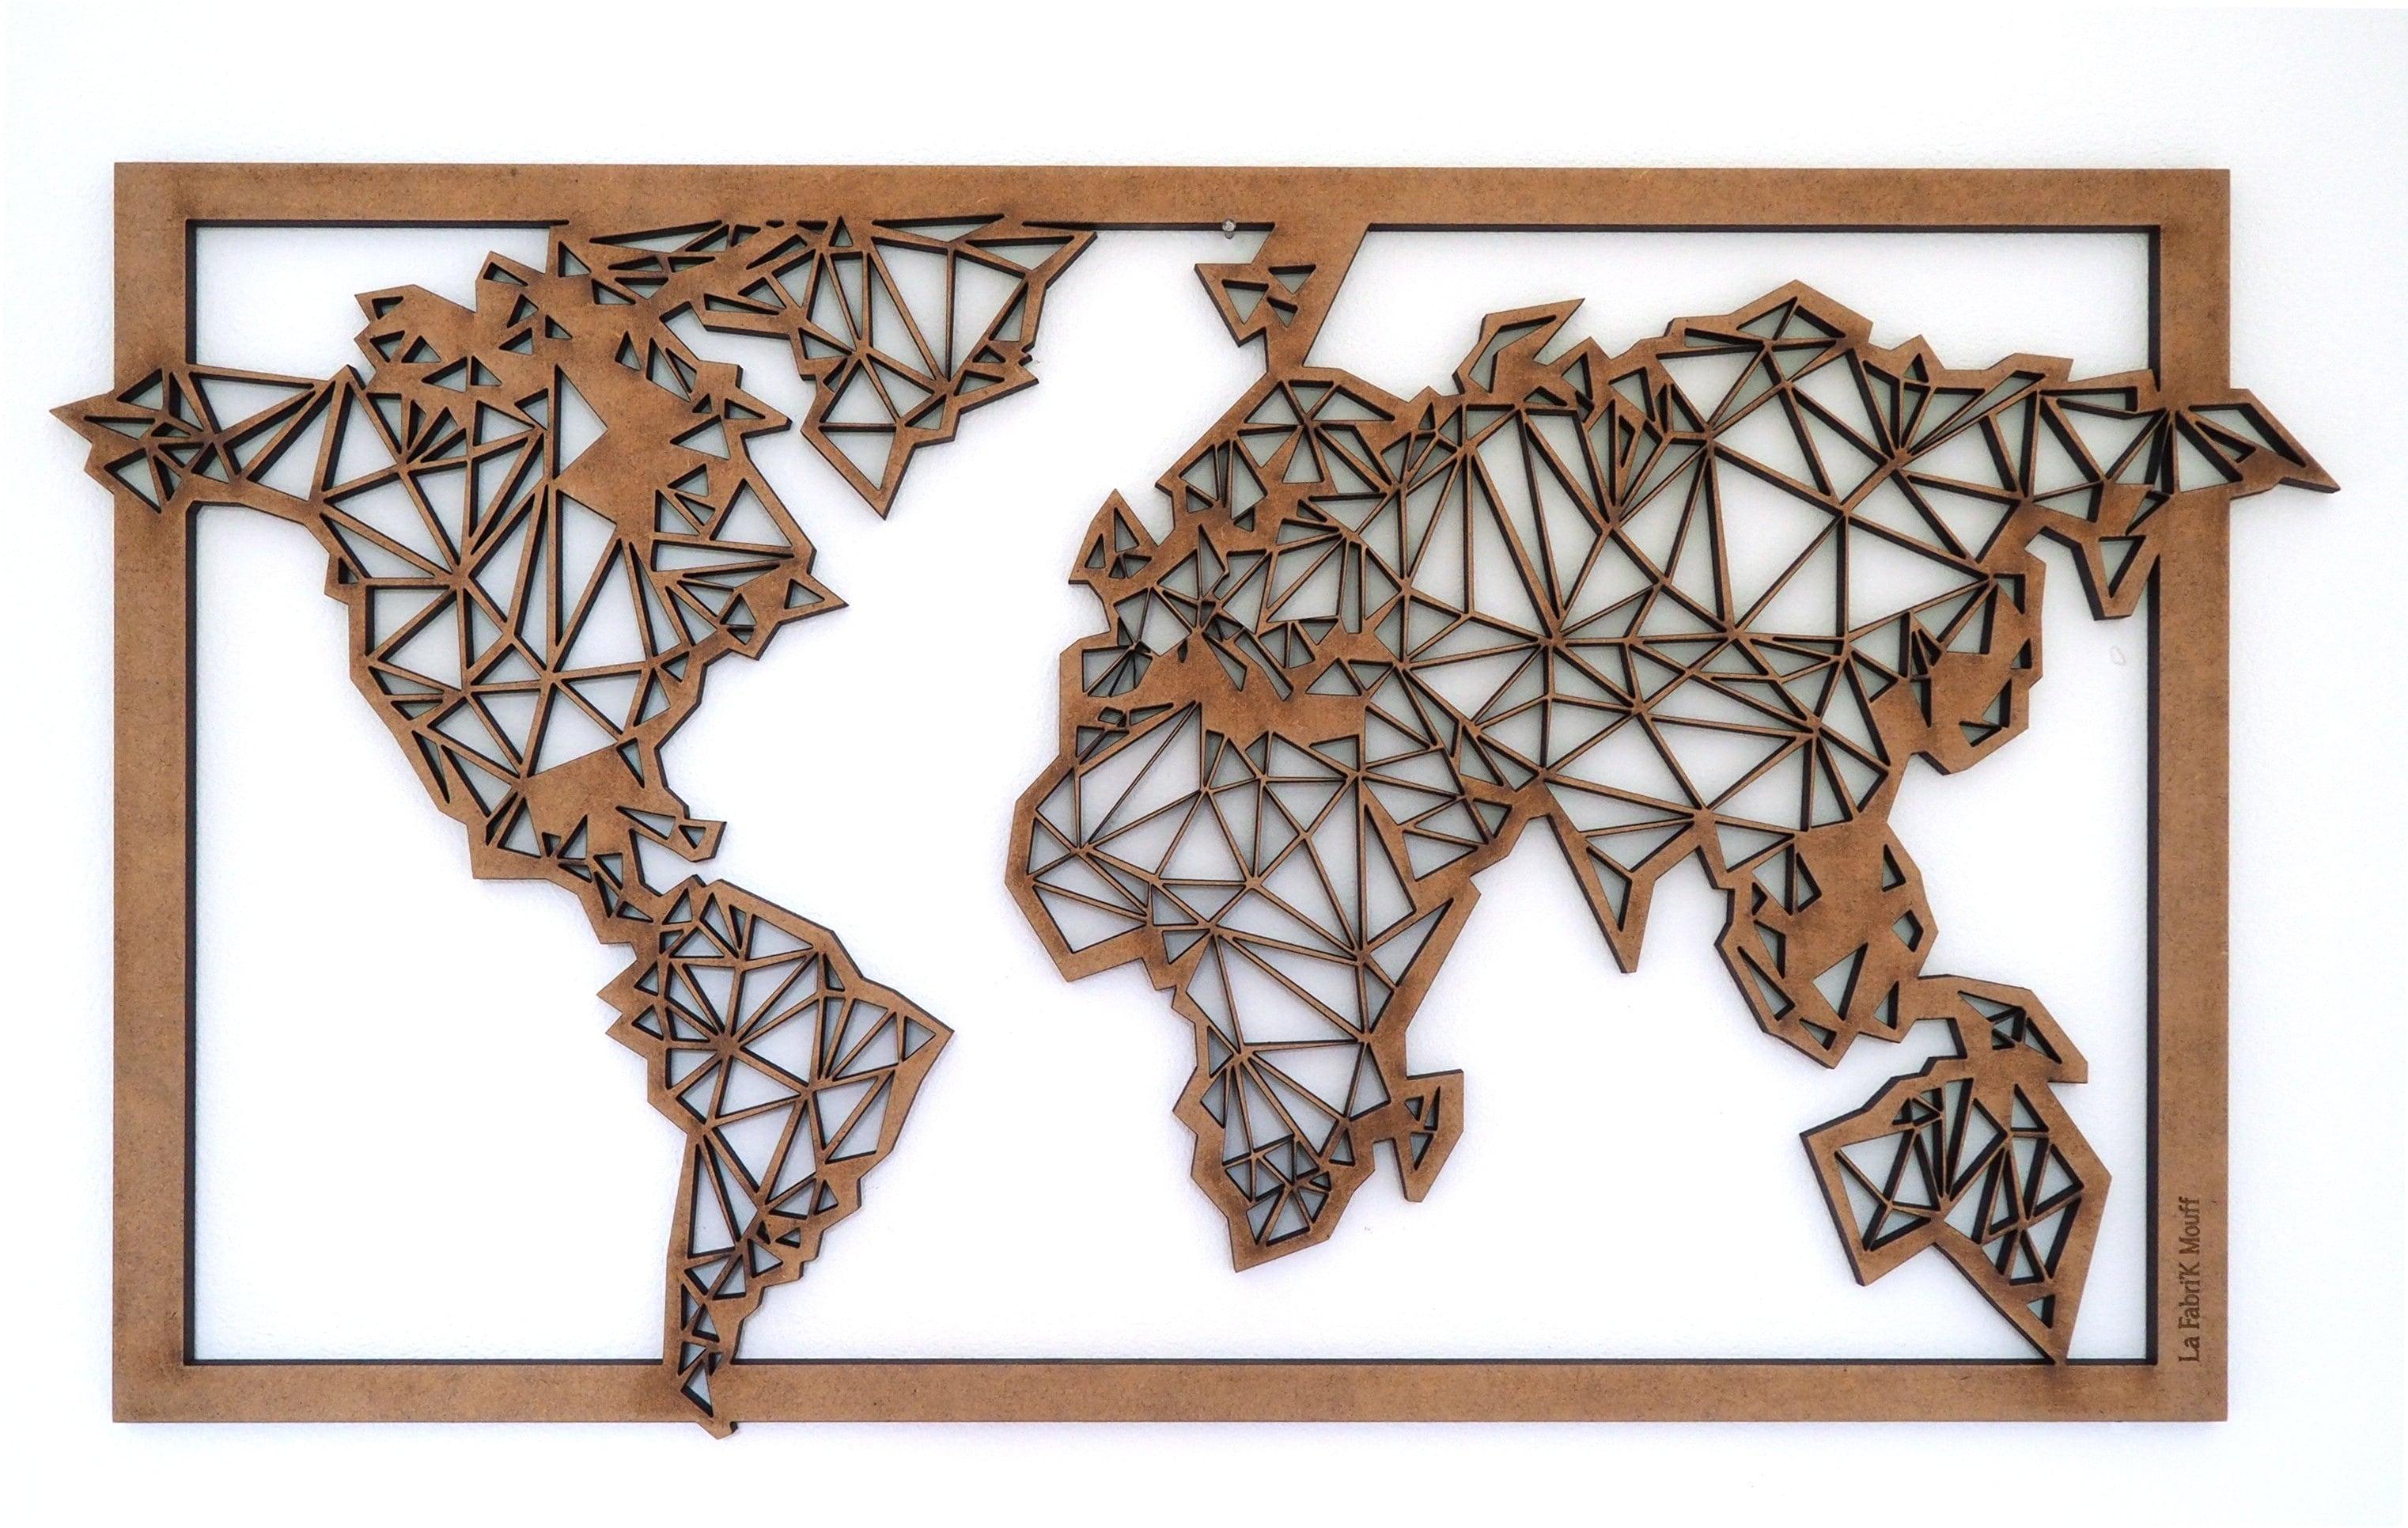 Décoration murale en bois de la carte du monde dans une version géométrique